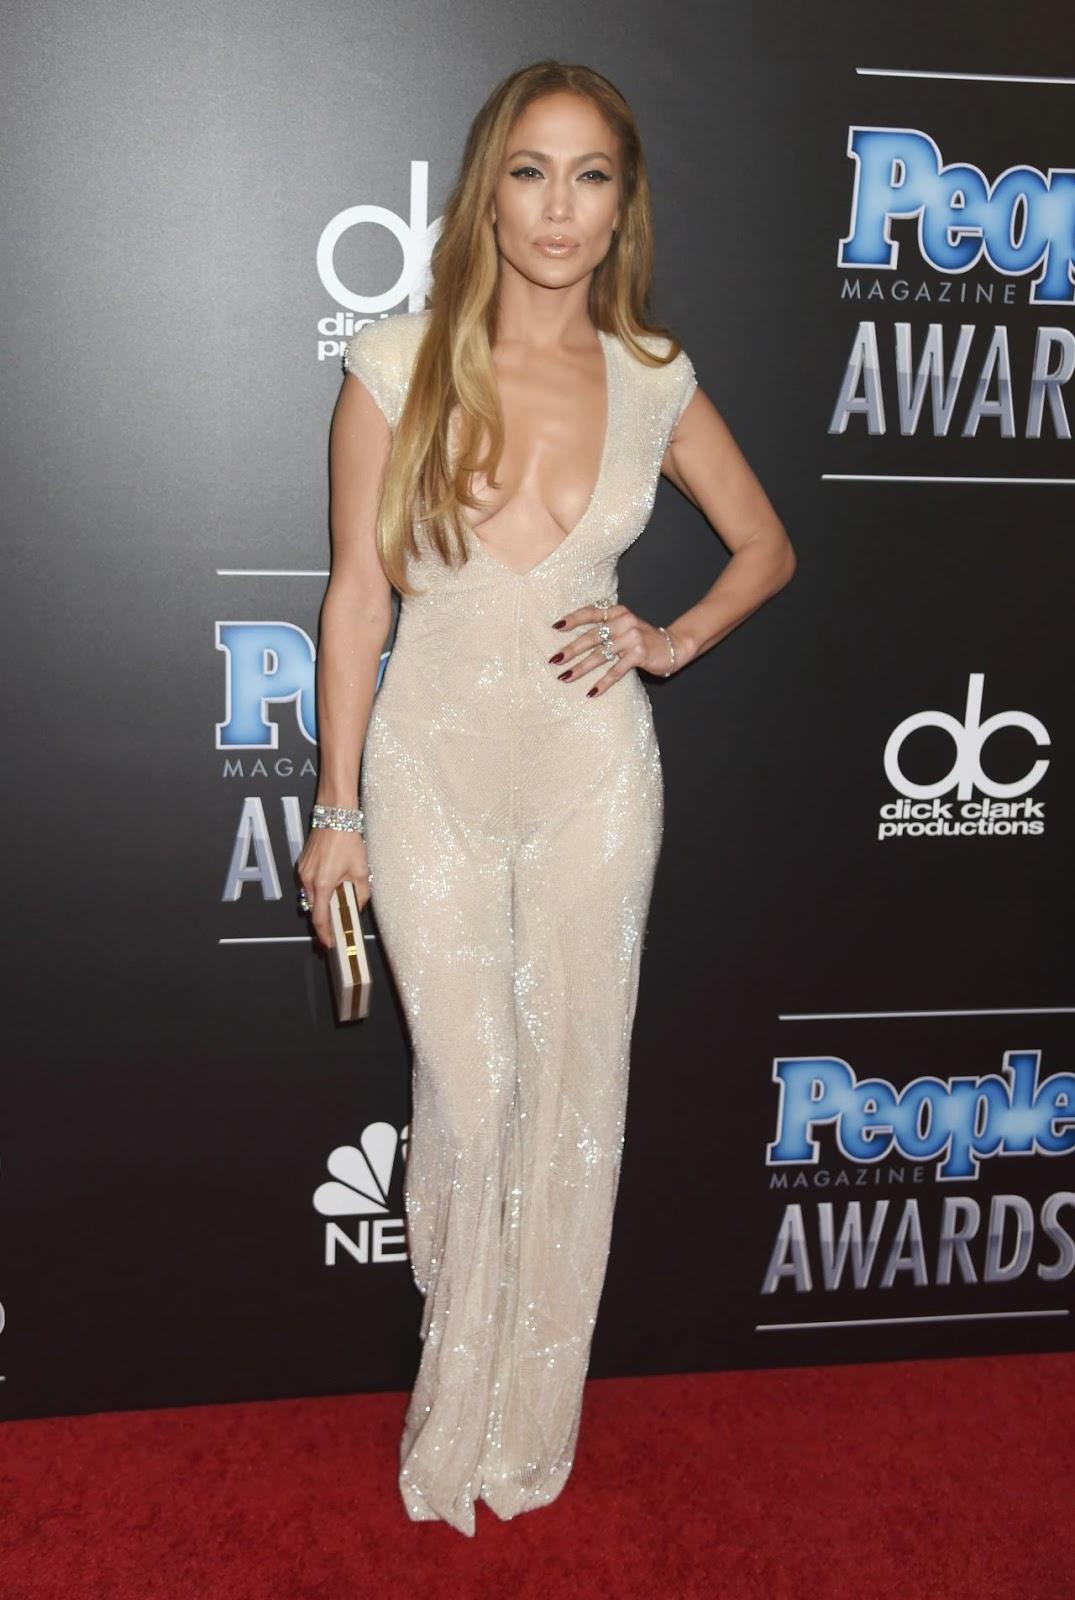 Hot! or Hmm…: Jennifer Lopezs People Magazine Awards